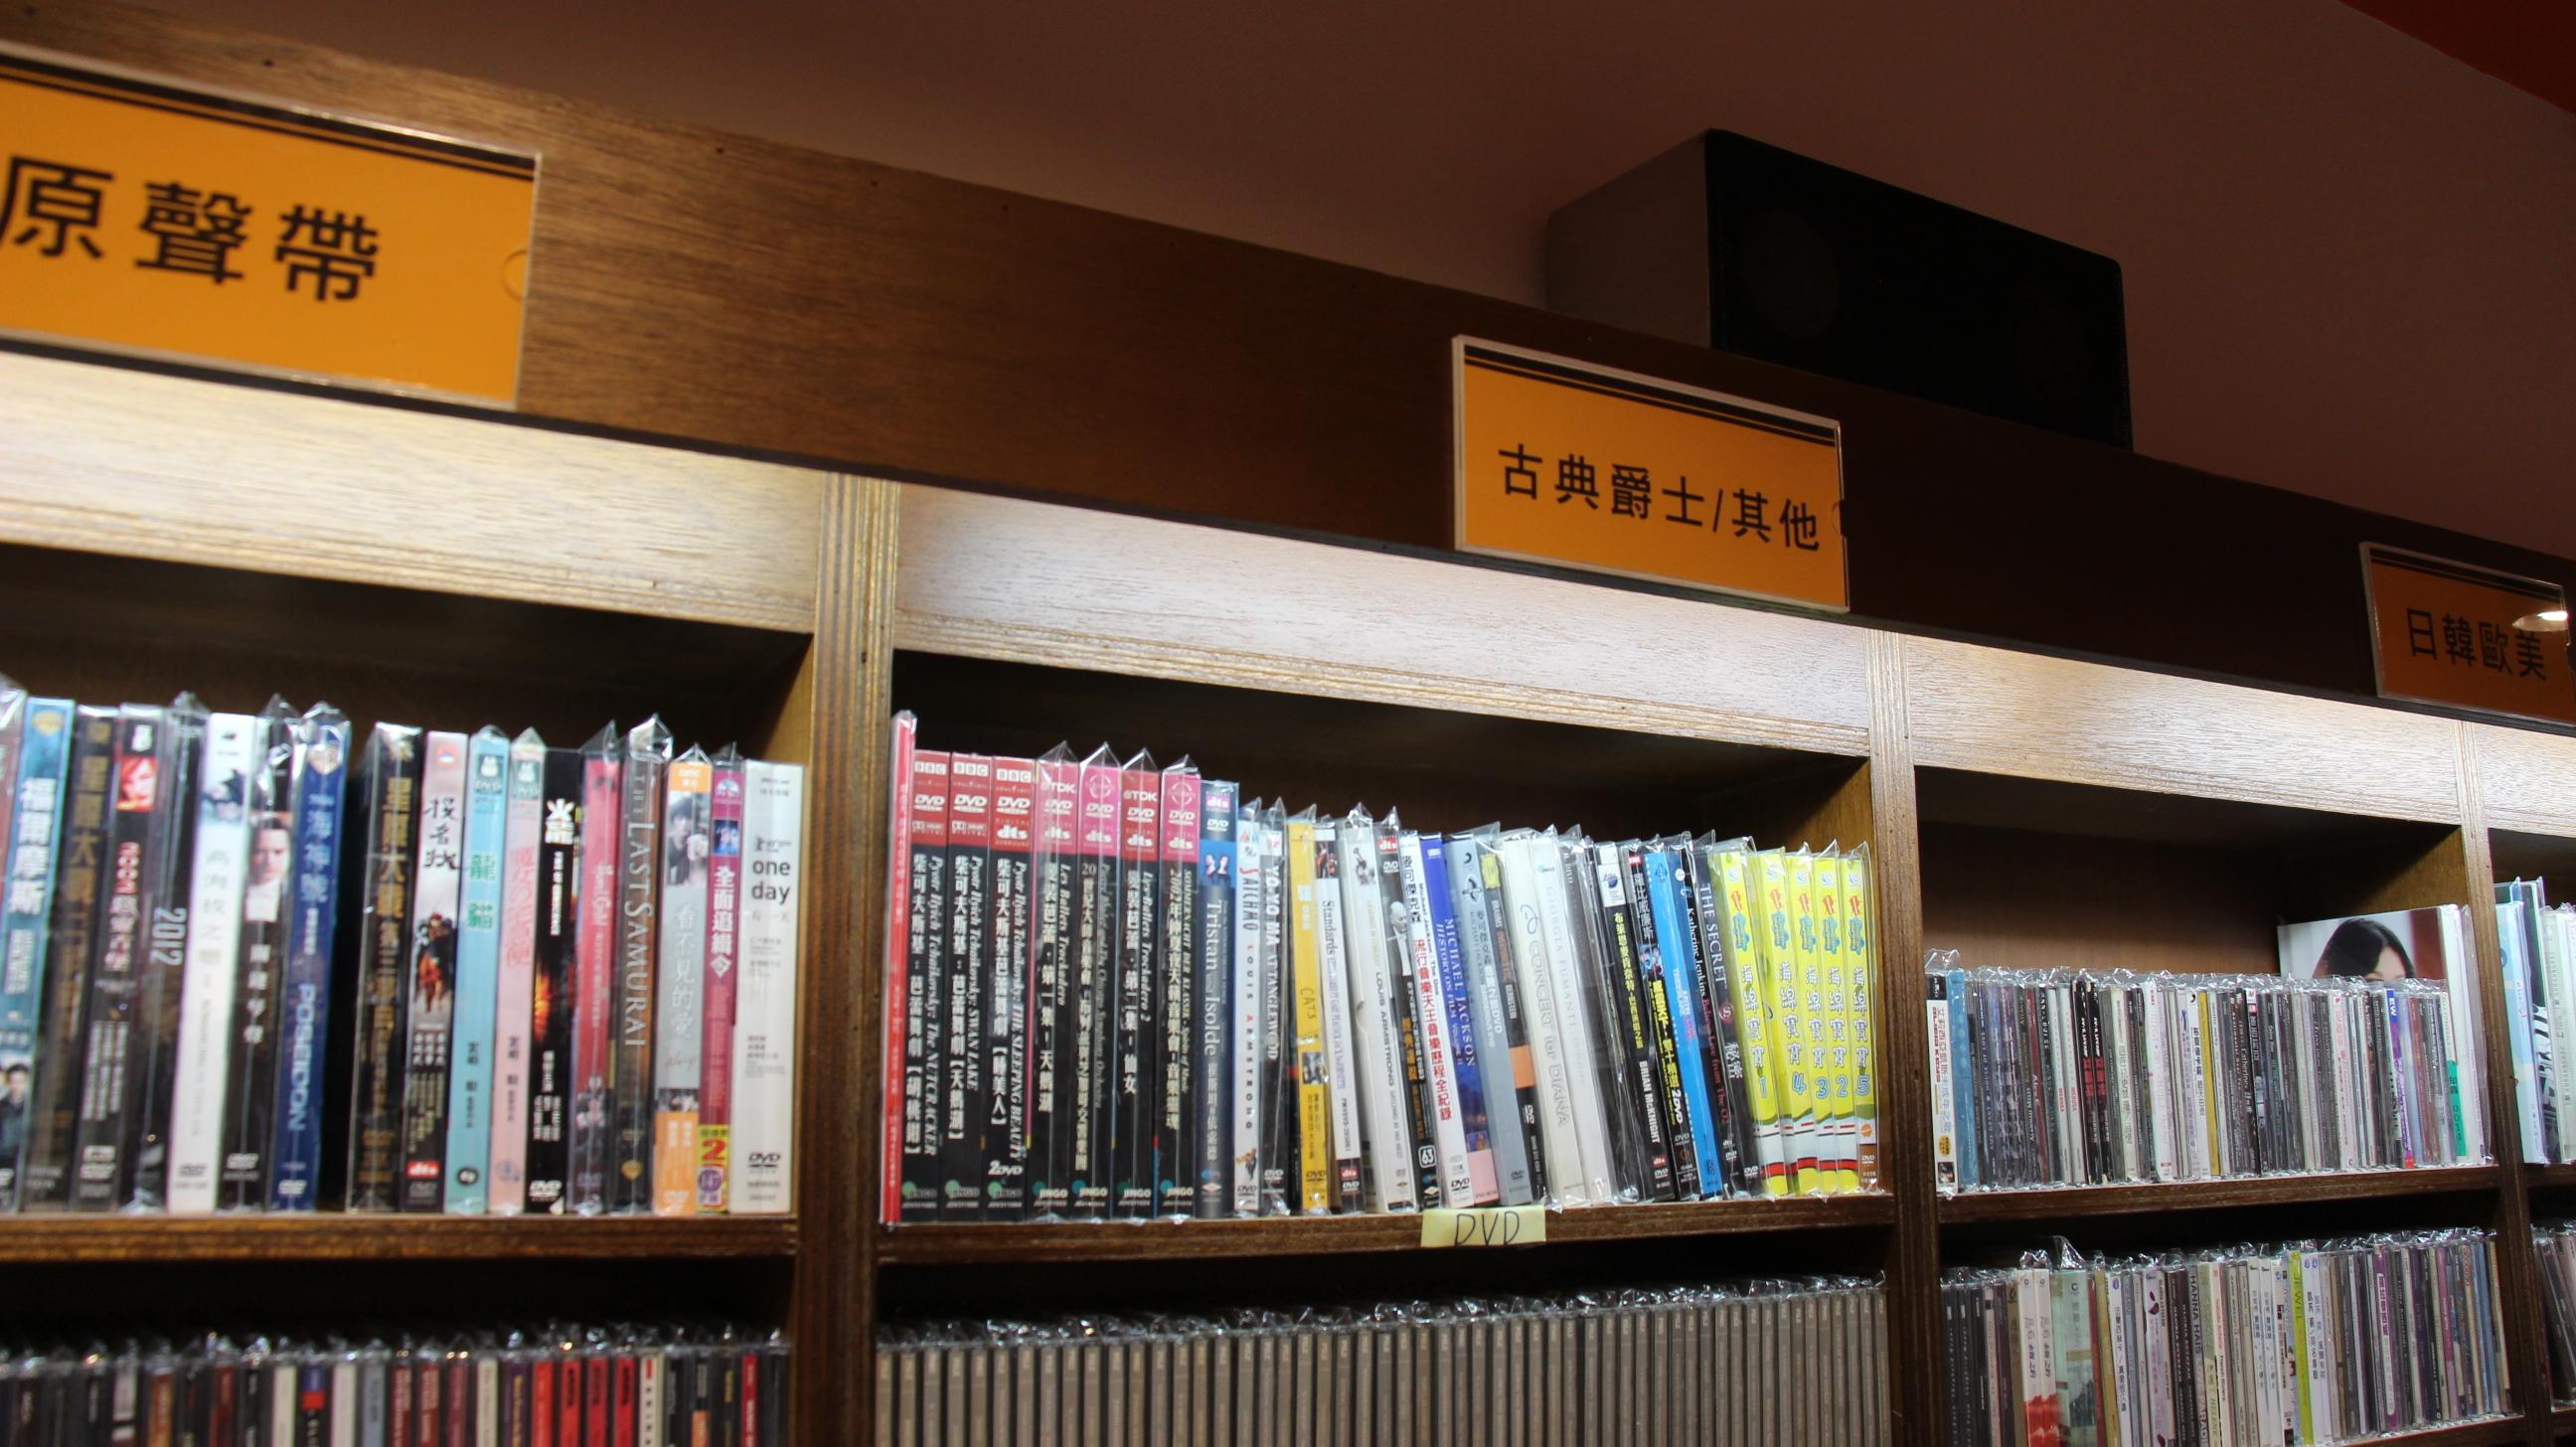 不少二手書店也會販售二手唱片及錄影帶,資源豐富多元。